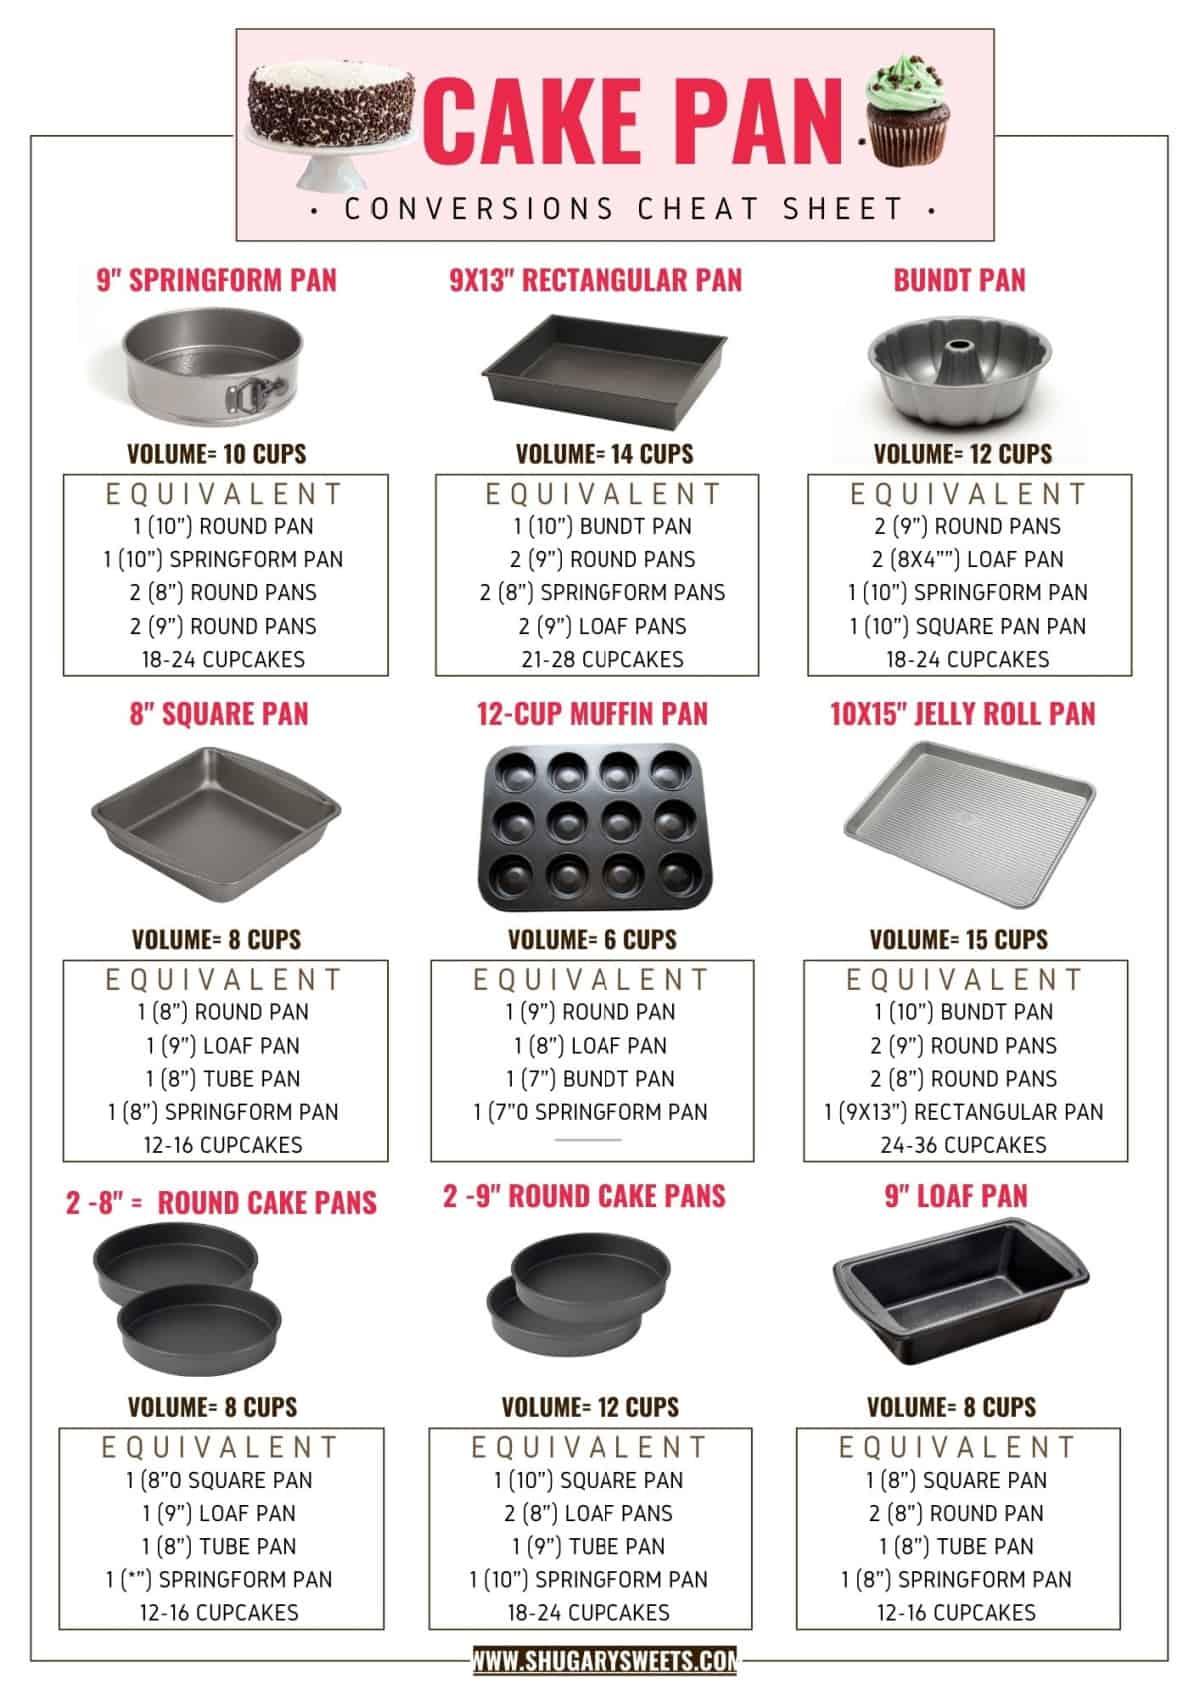 Baking pan cheat sheet for cakes.